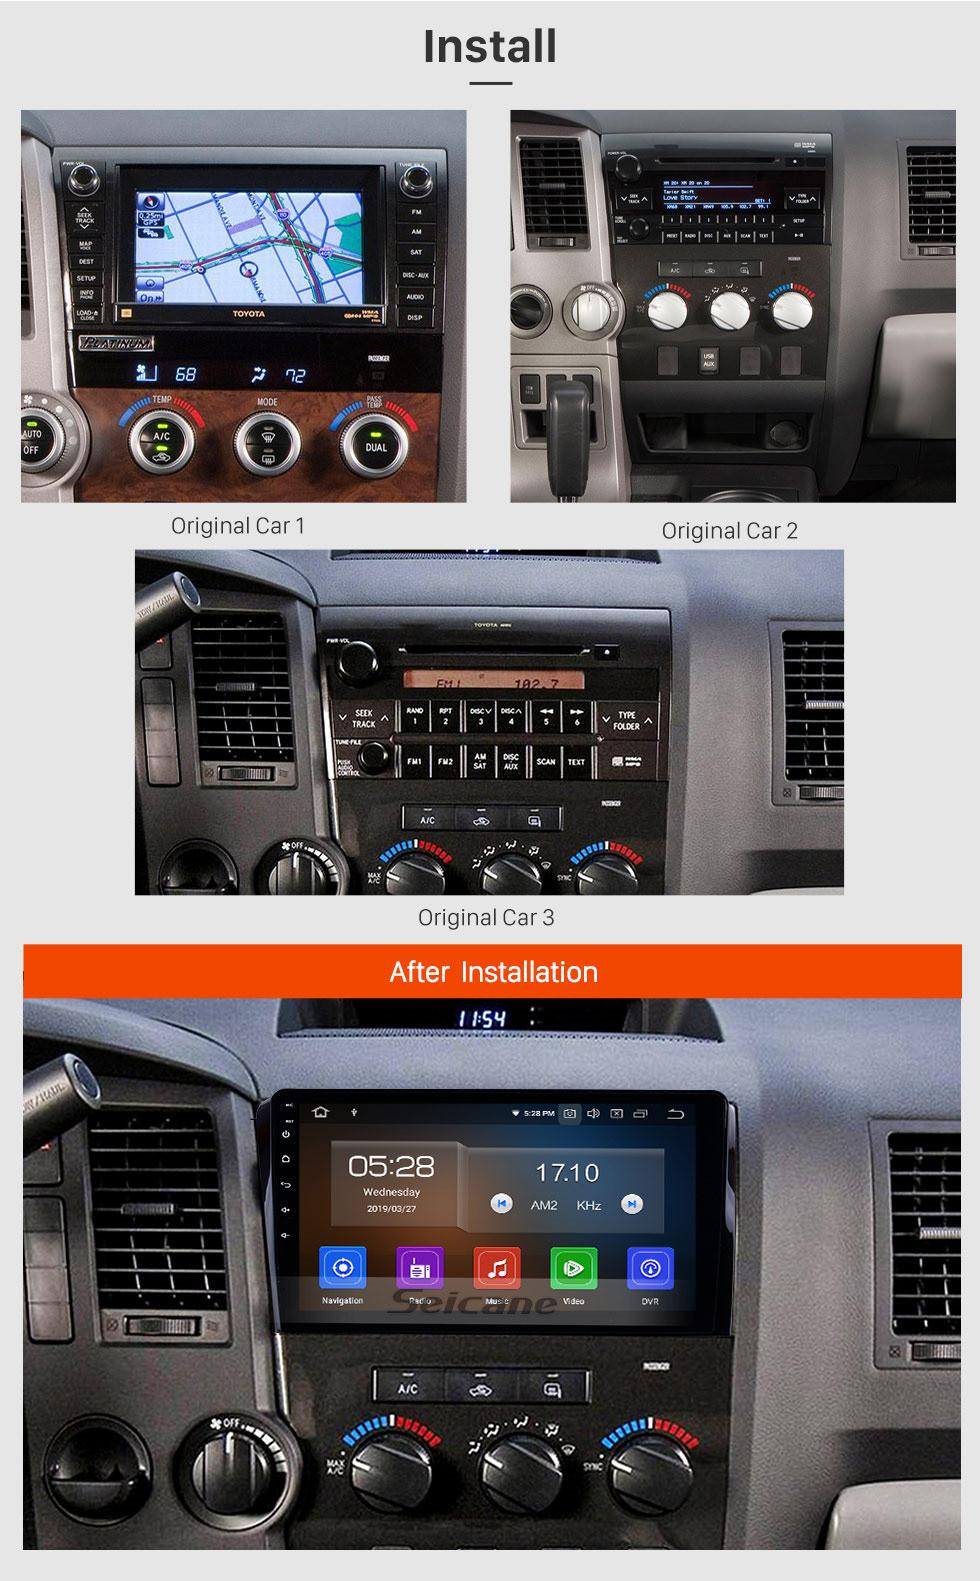 Seicane 10,1-дюймовый Android 10.0 2006-2014 Toyota Sequoia GPS-навигация Радио IPS Полный экран с музыкой Bluetooth Поддержка 3G WiFi OBD2 Управление рулевого колеса